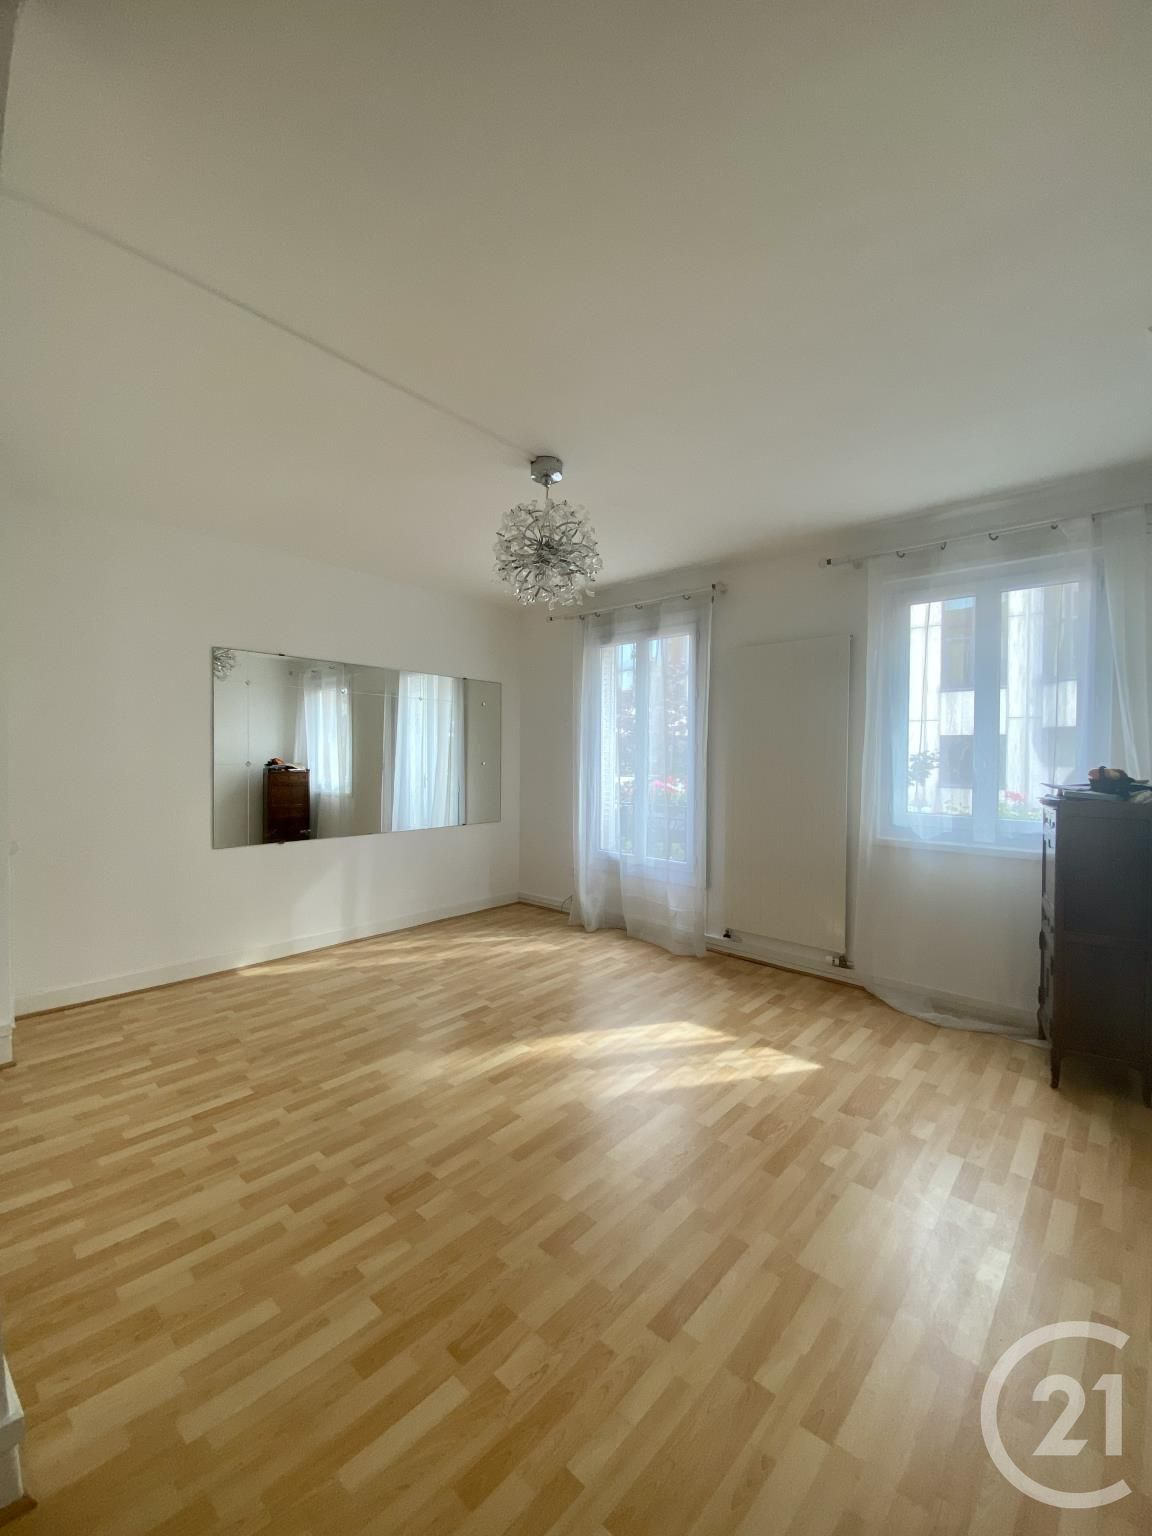 Appartement a louer boulogne-billancourt - 3 pièce(s) - 74.57 m2 - Surfyn